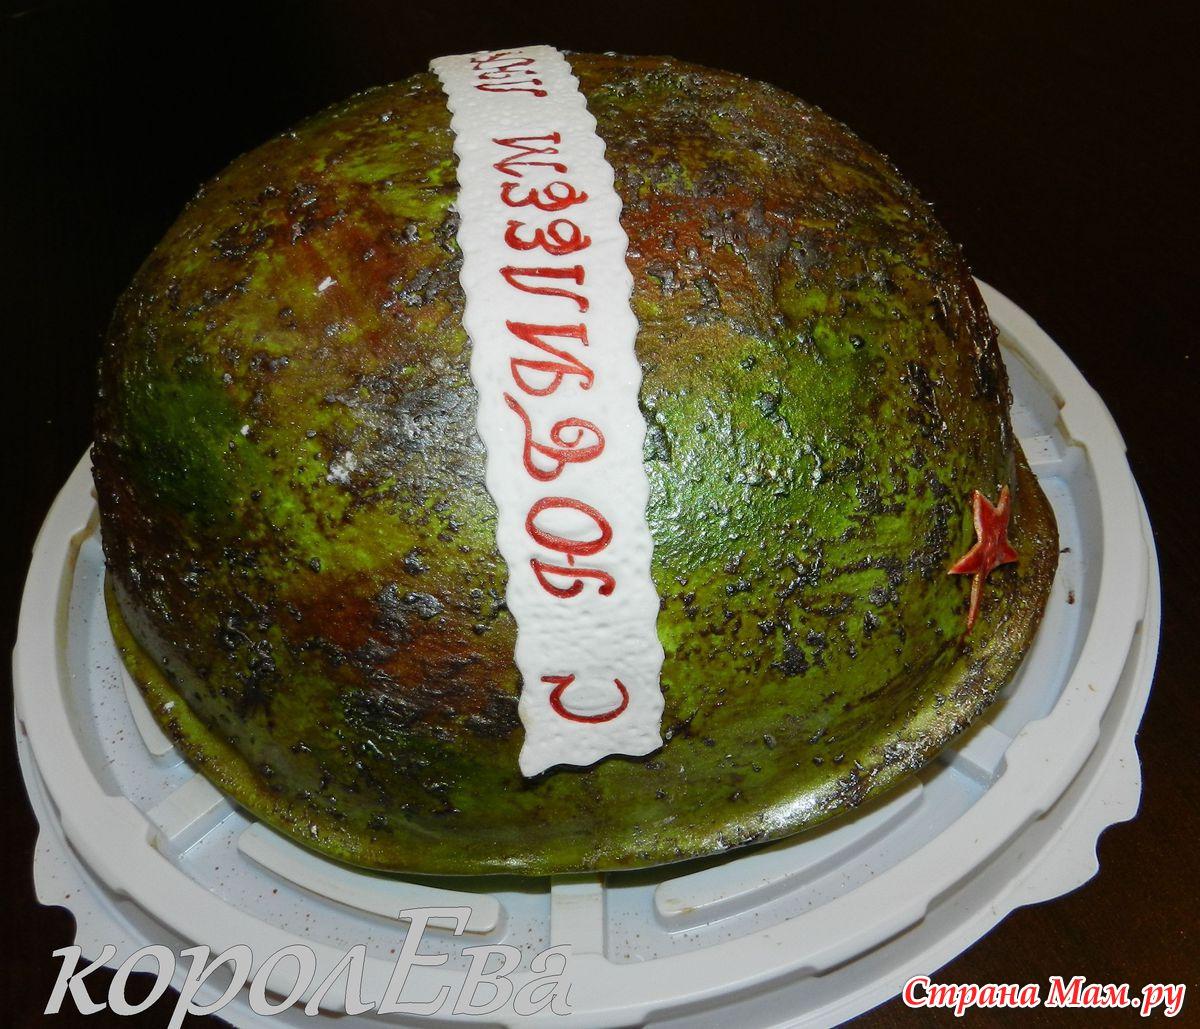 Торт с пчелкой майей фото использовать подобные